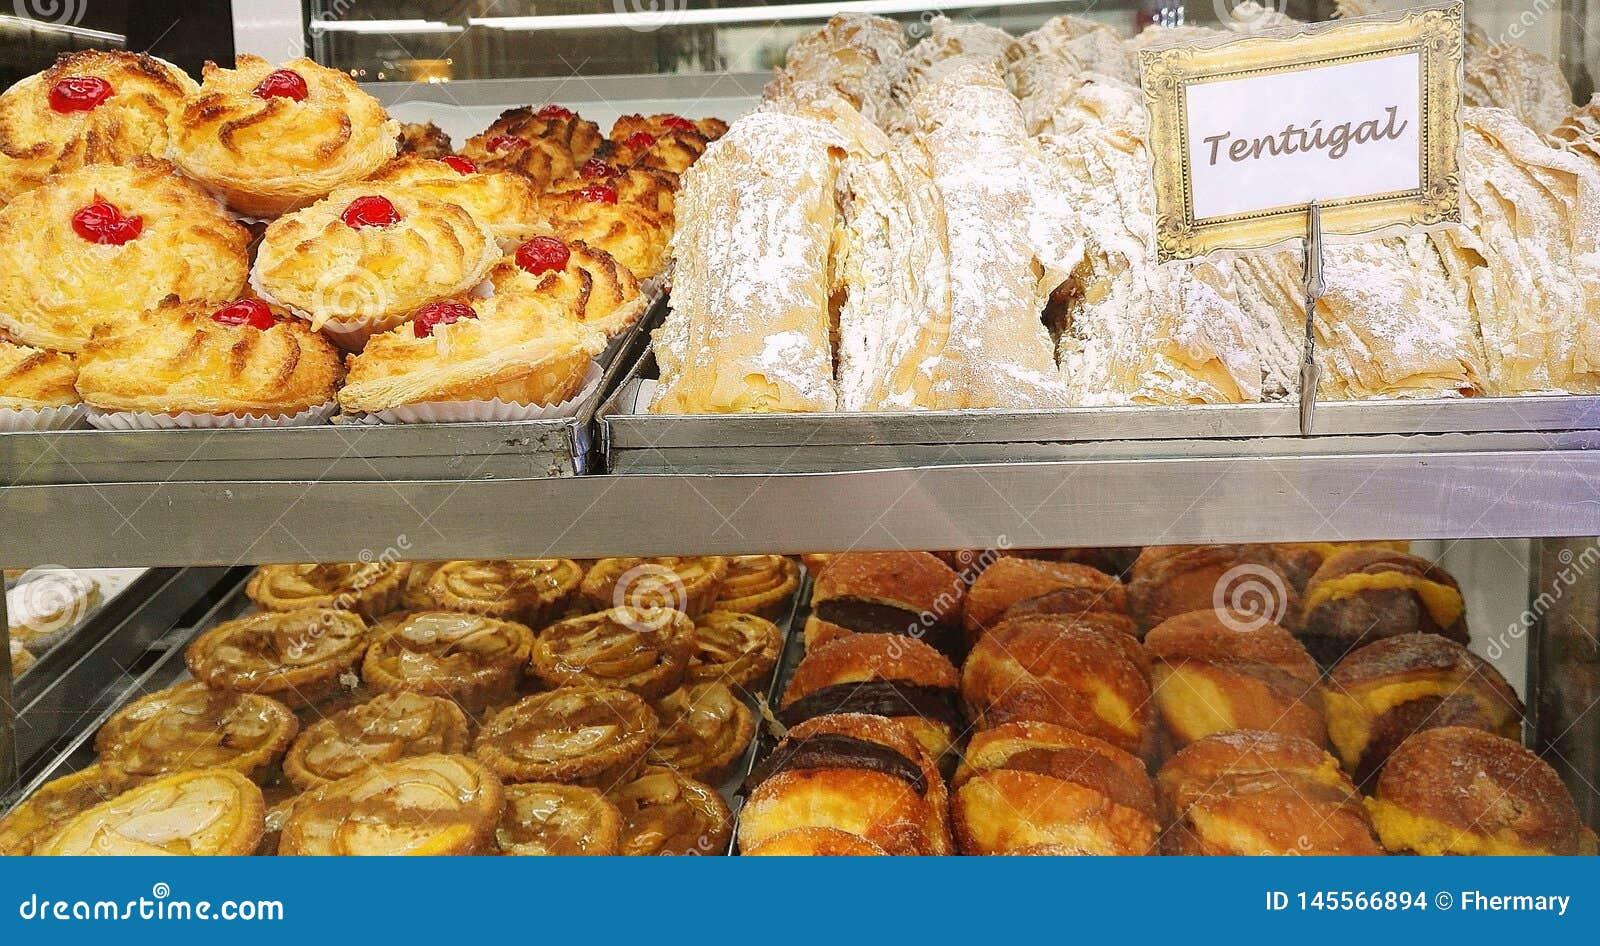 Attraktives Gebäck im Fenster einer portugiesischen Bäckerei in Lissabon, Portugal, Europa